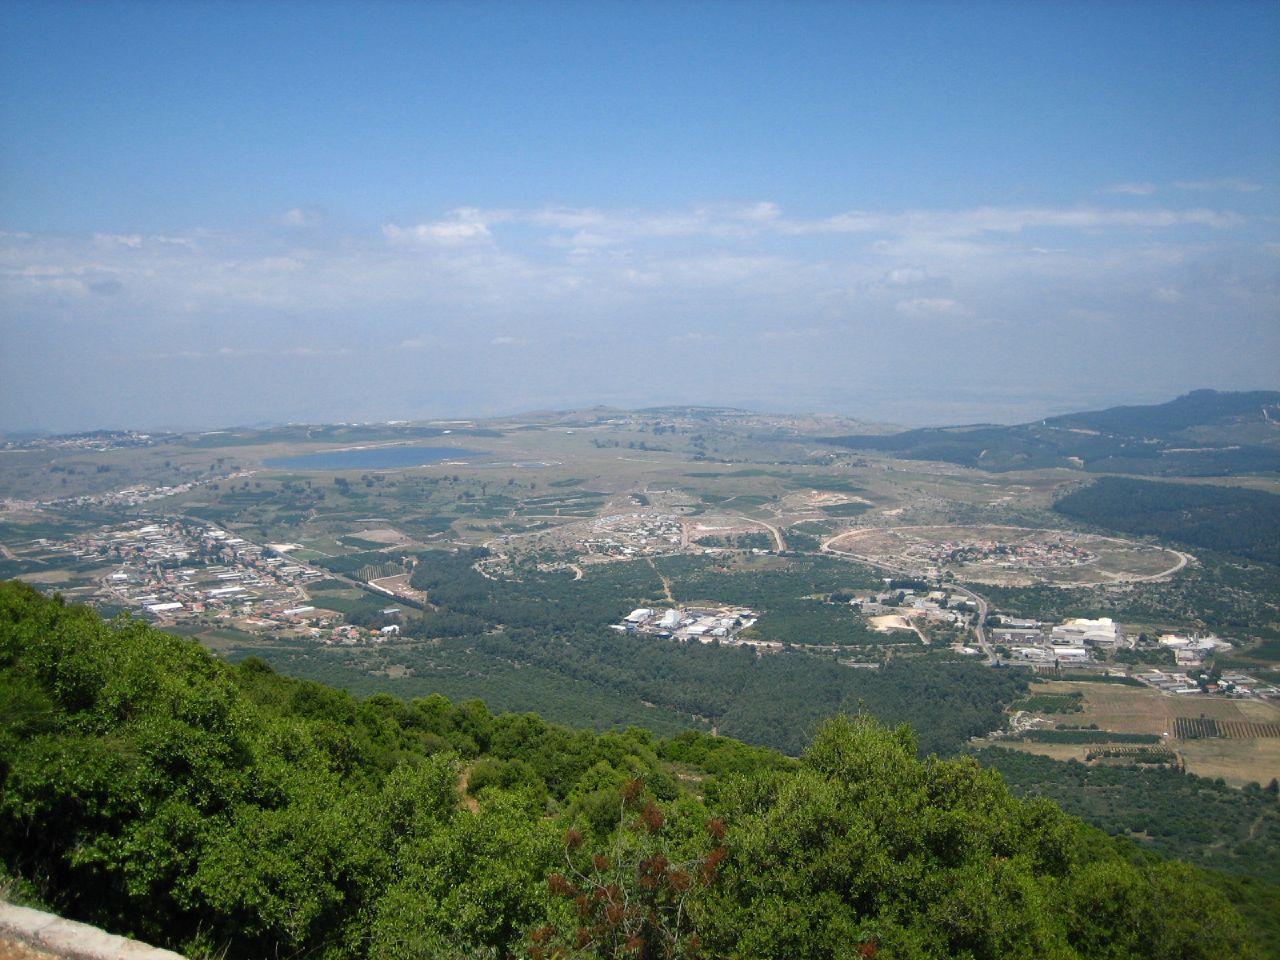 Safsaf-صفصاف: منظر عام جميل لموقع القرية اُخذ من قاعدة الجيش الاسرائيلي الموجودة على قمة جبل ميرون وتظهر قرية الجش وبركتها.